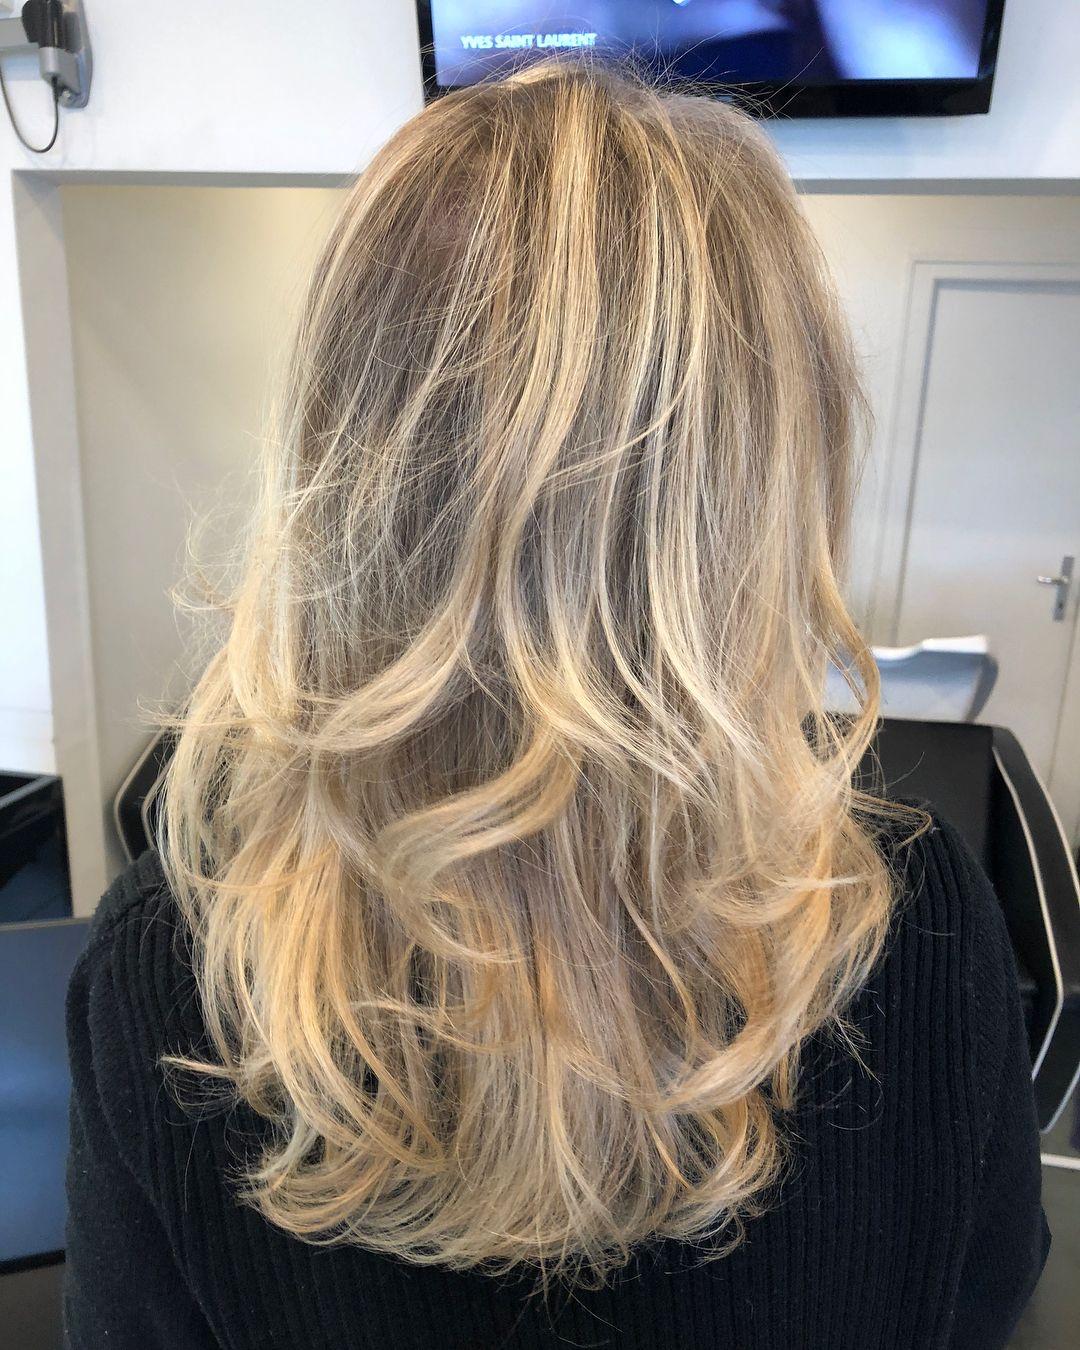 Brushing Avec Du Mouvement Effet Naturel Brushing Brushingboucle Wave Boucle B Avec Blonde Boucle Brushing Cheveux Mi Long Brushing Cheveux Cheveux